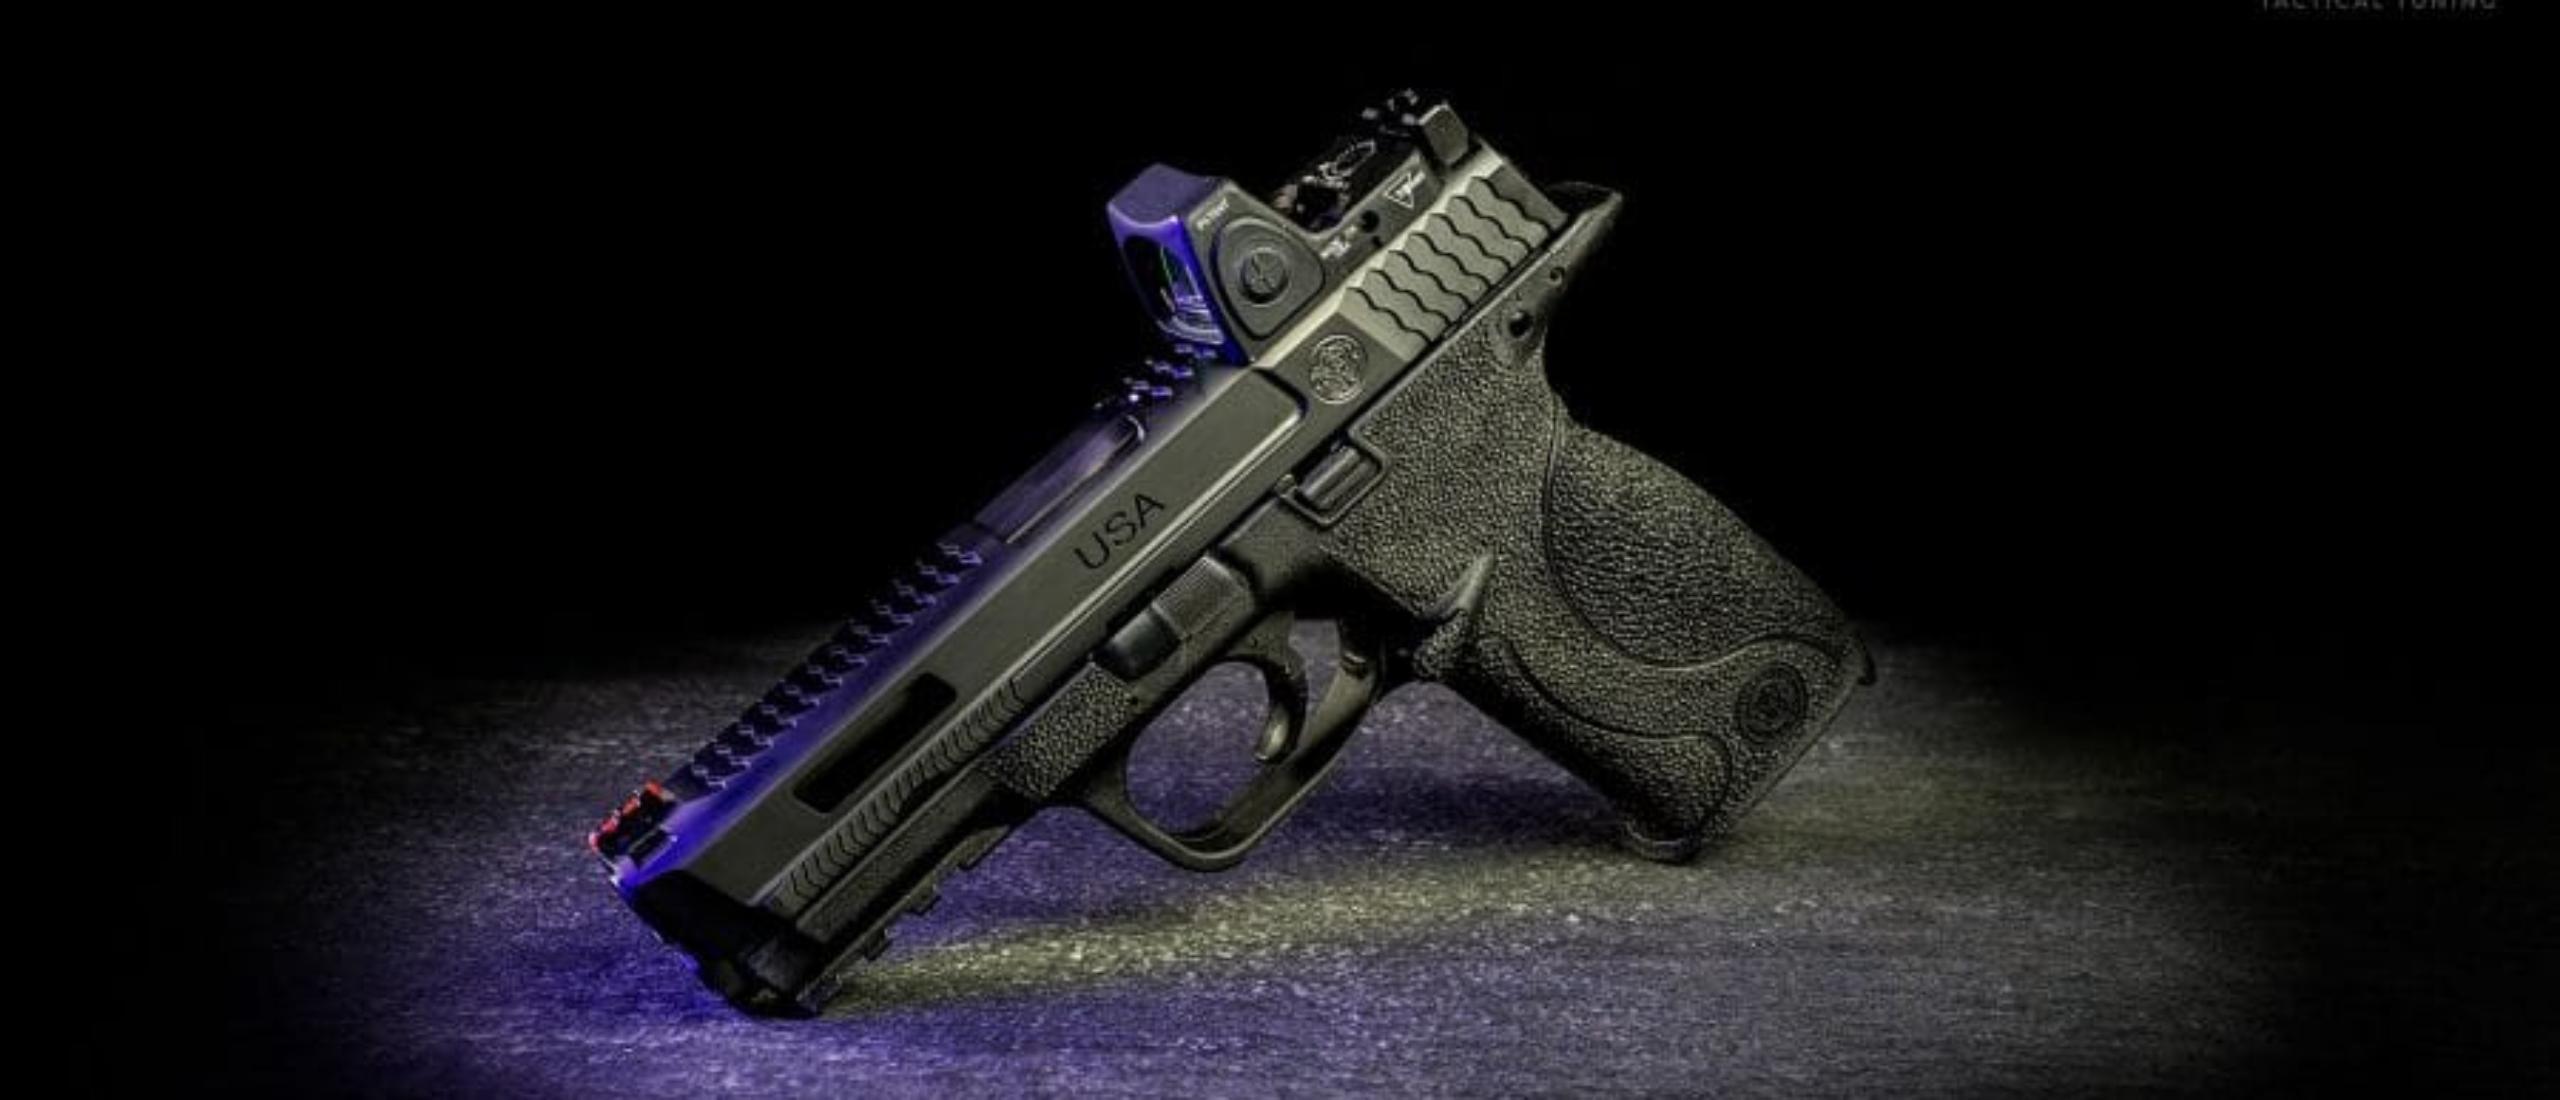 smithwesson-mp-trijicon-reflexvisier-ausfräsung-slide-cut-usa-laser-engraving-dlc-beschichtung-verex-tactical-tuning-900×596